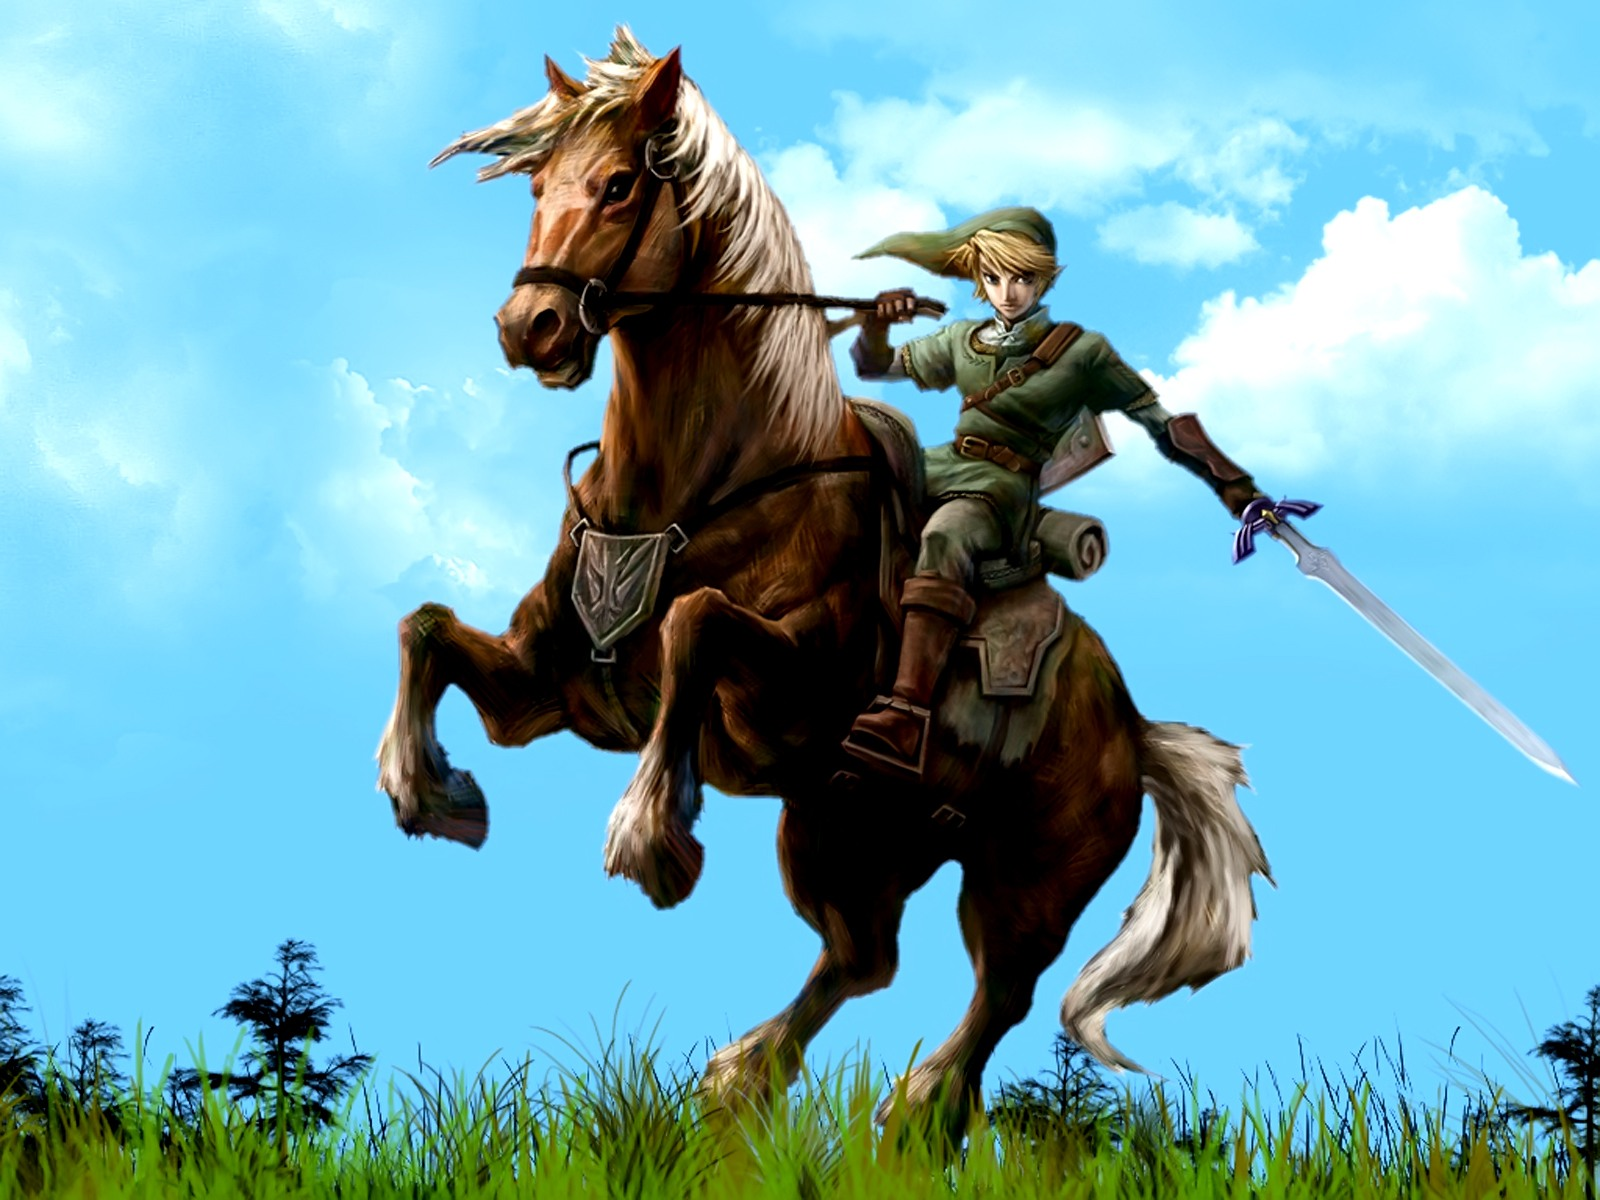 Legend of Zeldas Link Wallpaper 1600x1200